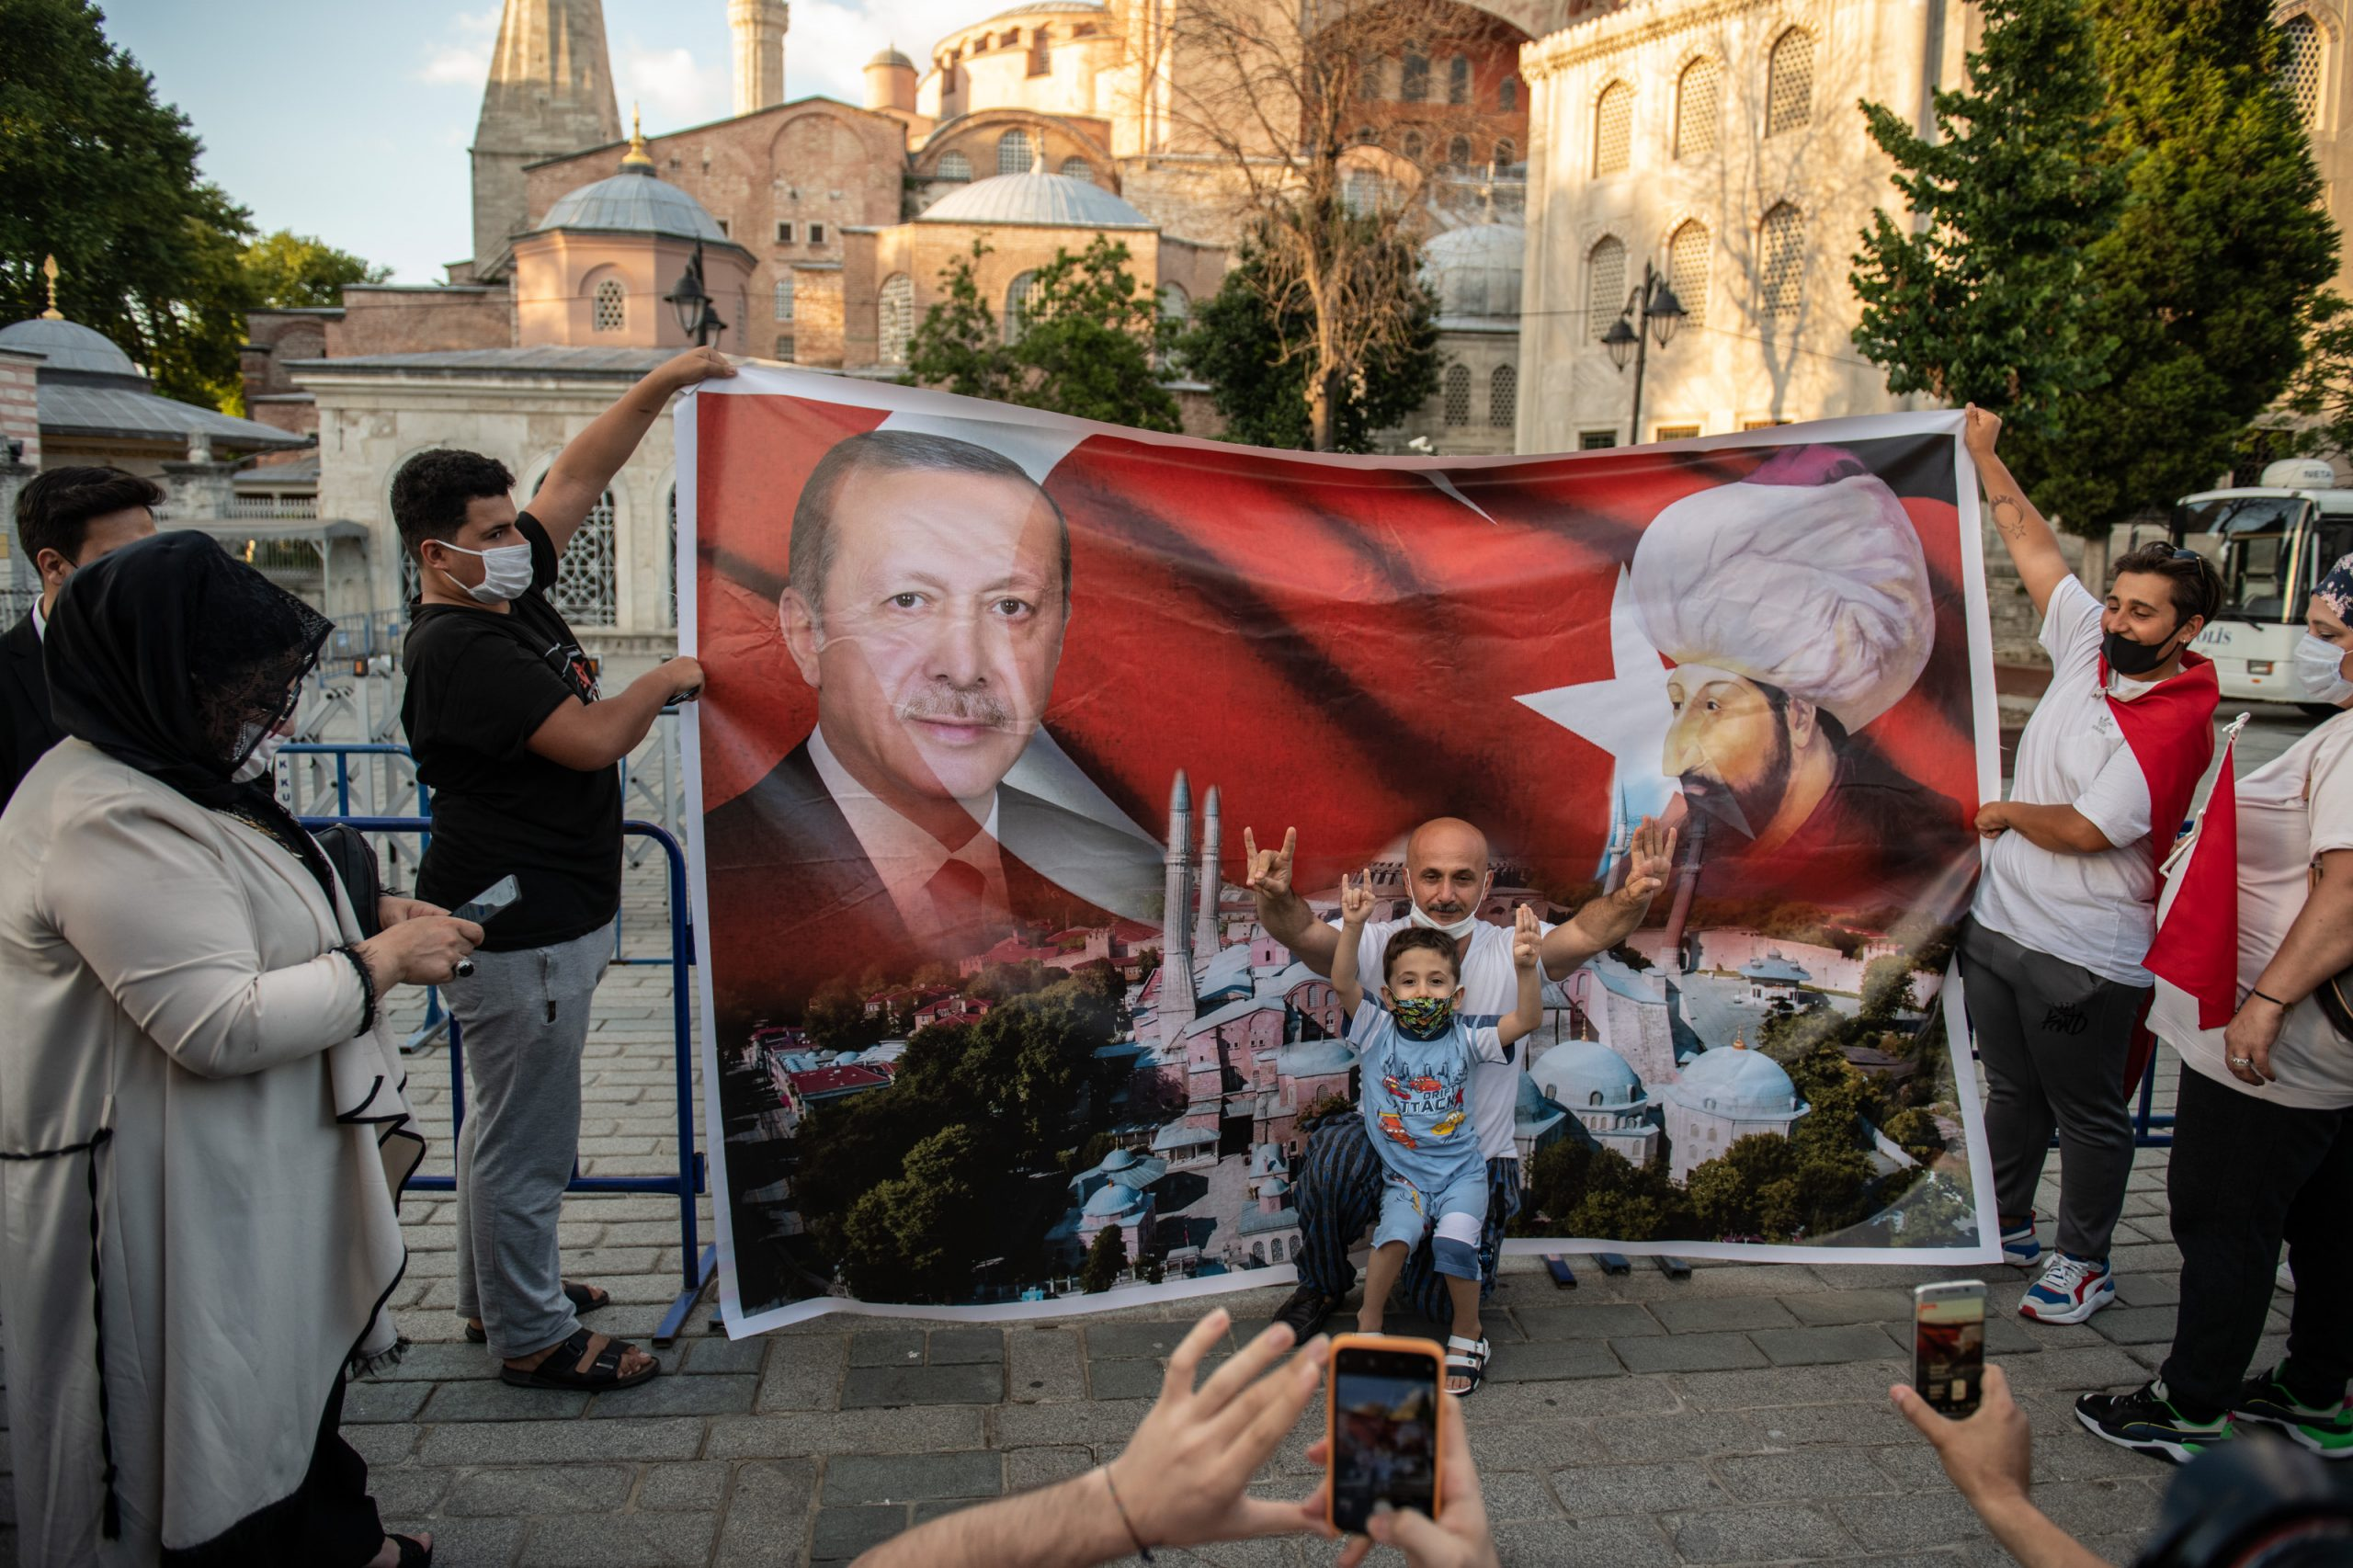 Το παιχνίδι της Αγκυρας και του Ερντογάν με την ιδεολογία του παν-ισλαμισμού